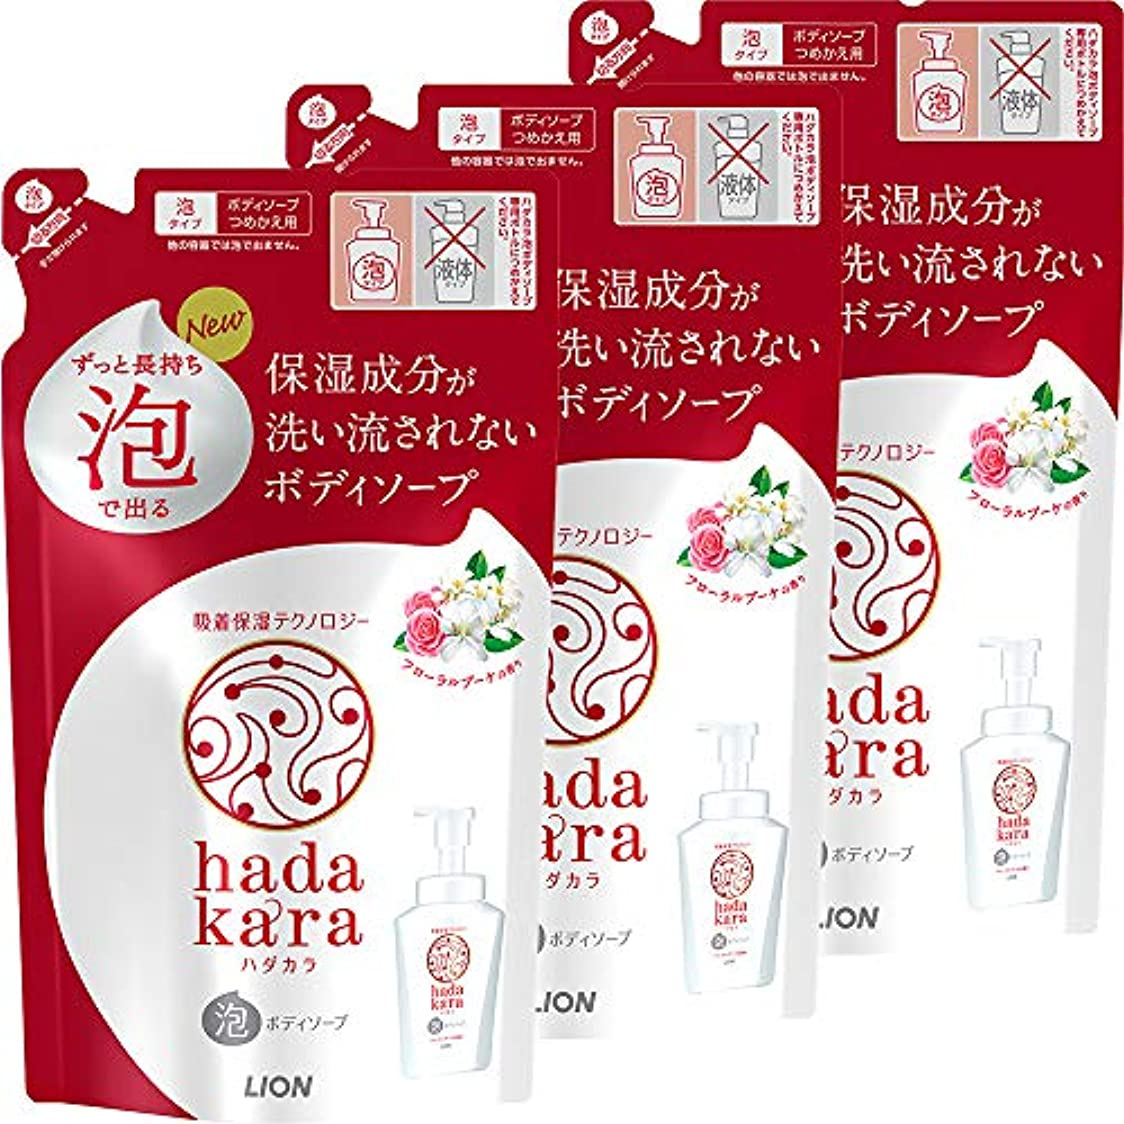 同意最少残高hadakara(ハダカラ) ボディソープ 泡タイプ フローラルブーケの香り 詰替440ml×3個